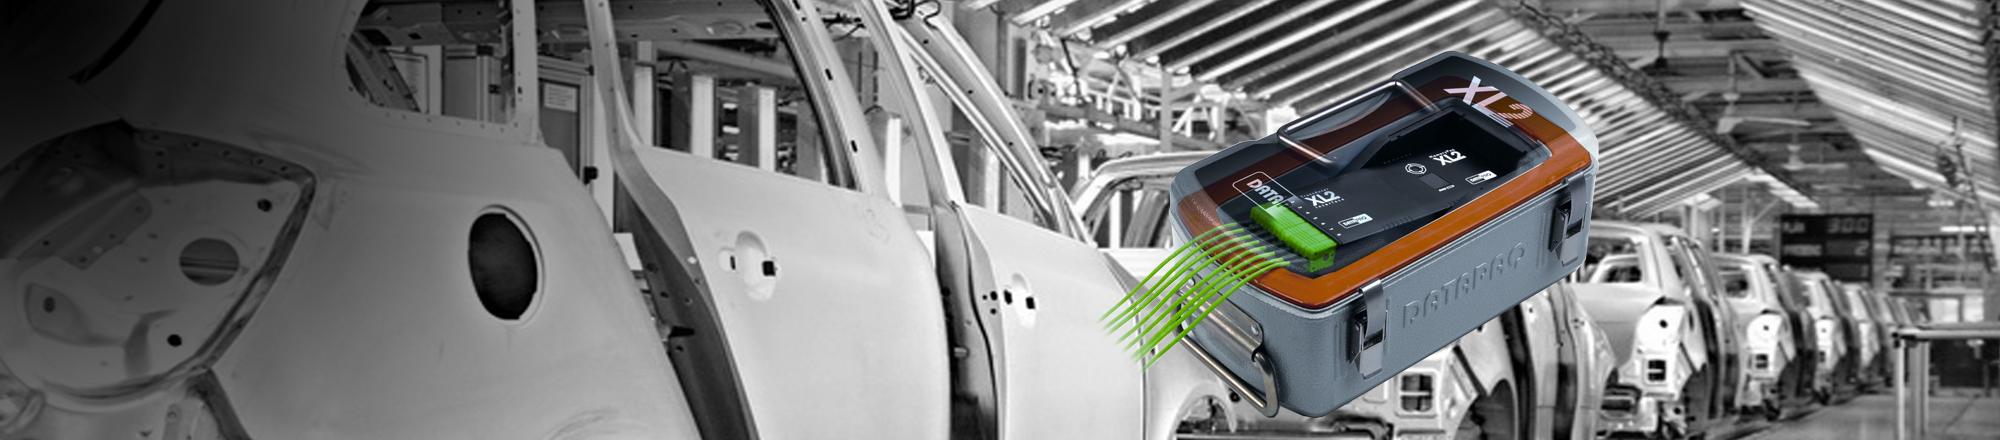 XL2 Datenlogger im Einsatz - industrielle Beschichtung